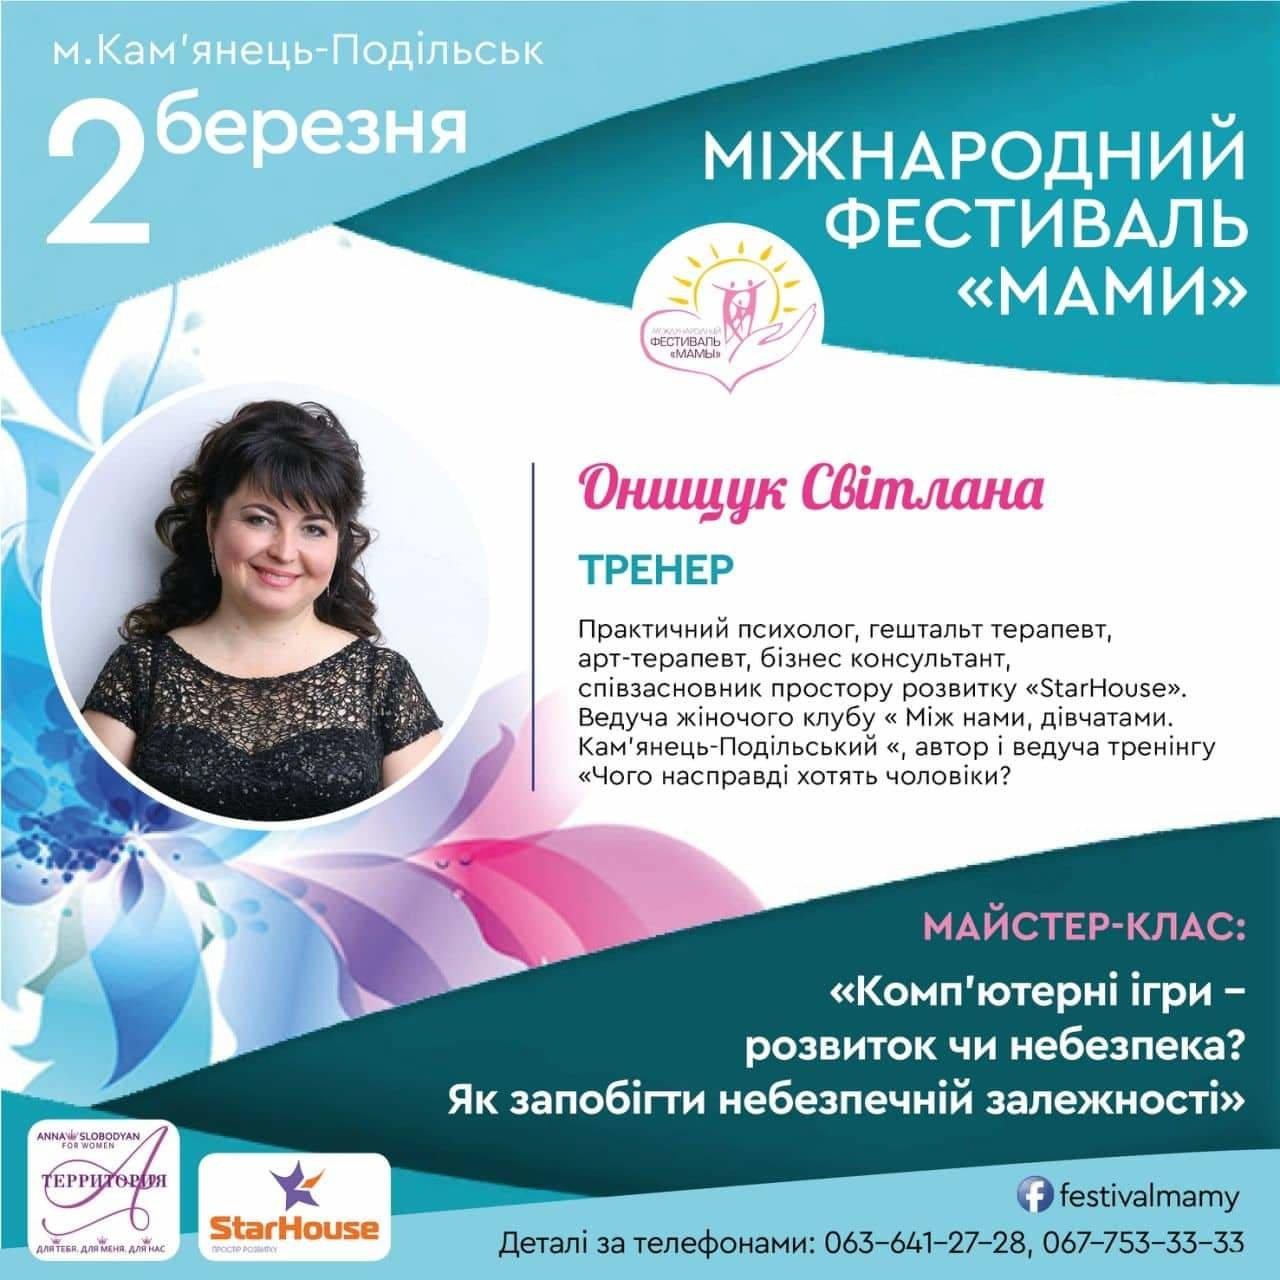 """Міжнародний фестиваль """"Мами"""" у Кам'янці-Подільському анонсує спікерів, фото-7"""